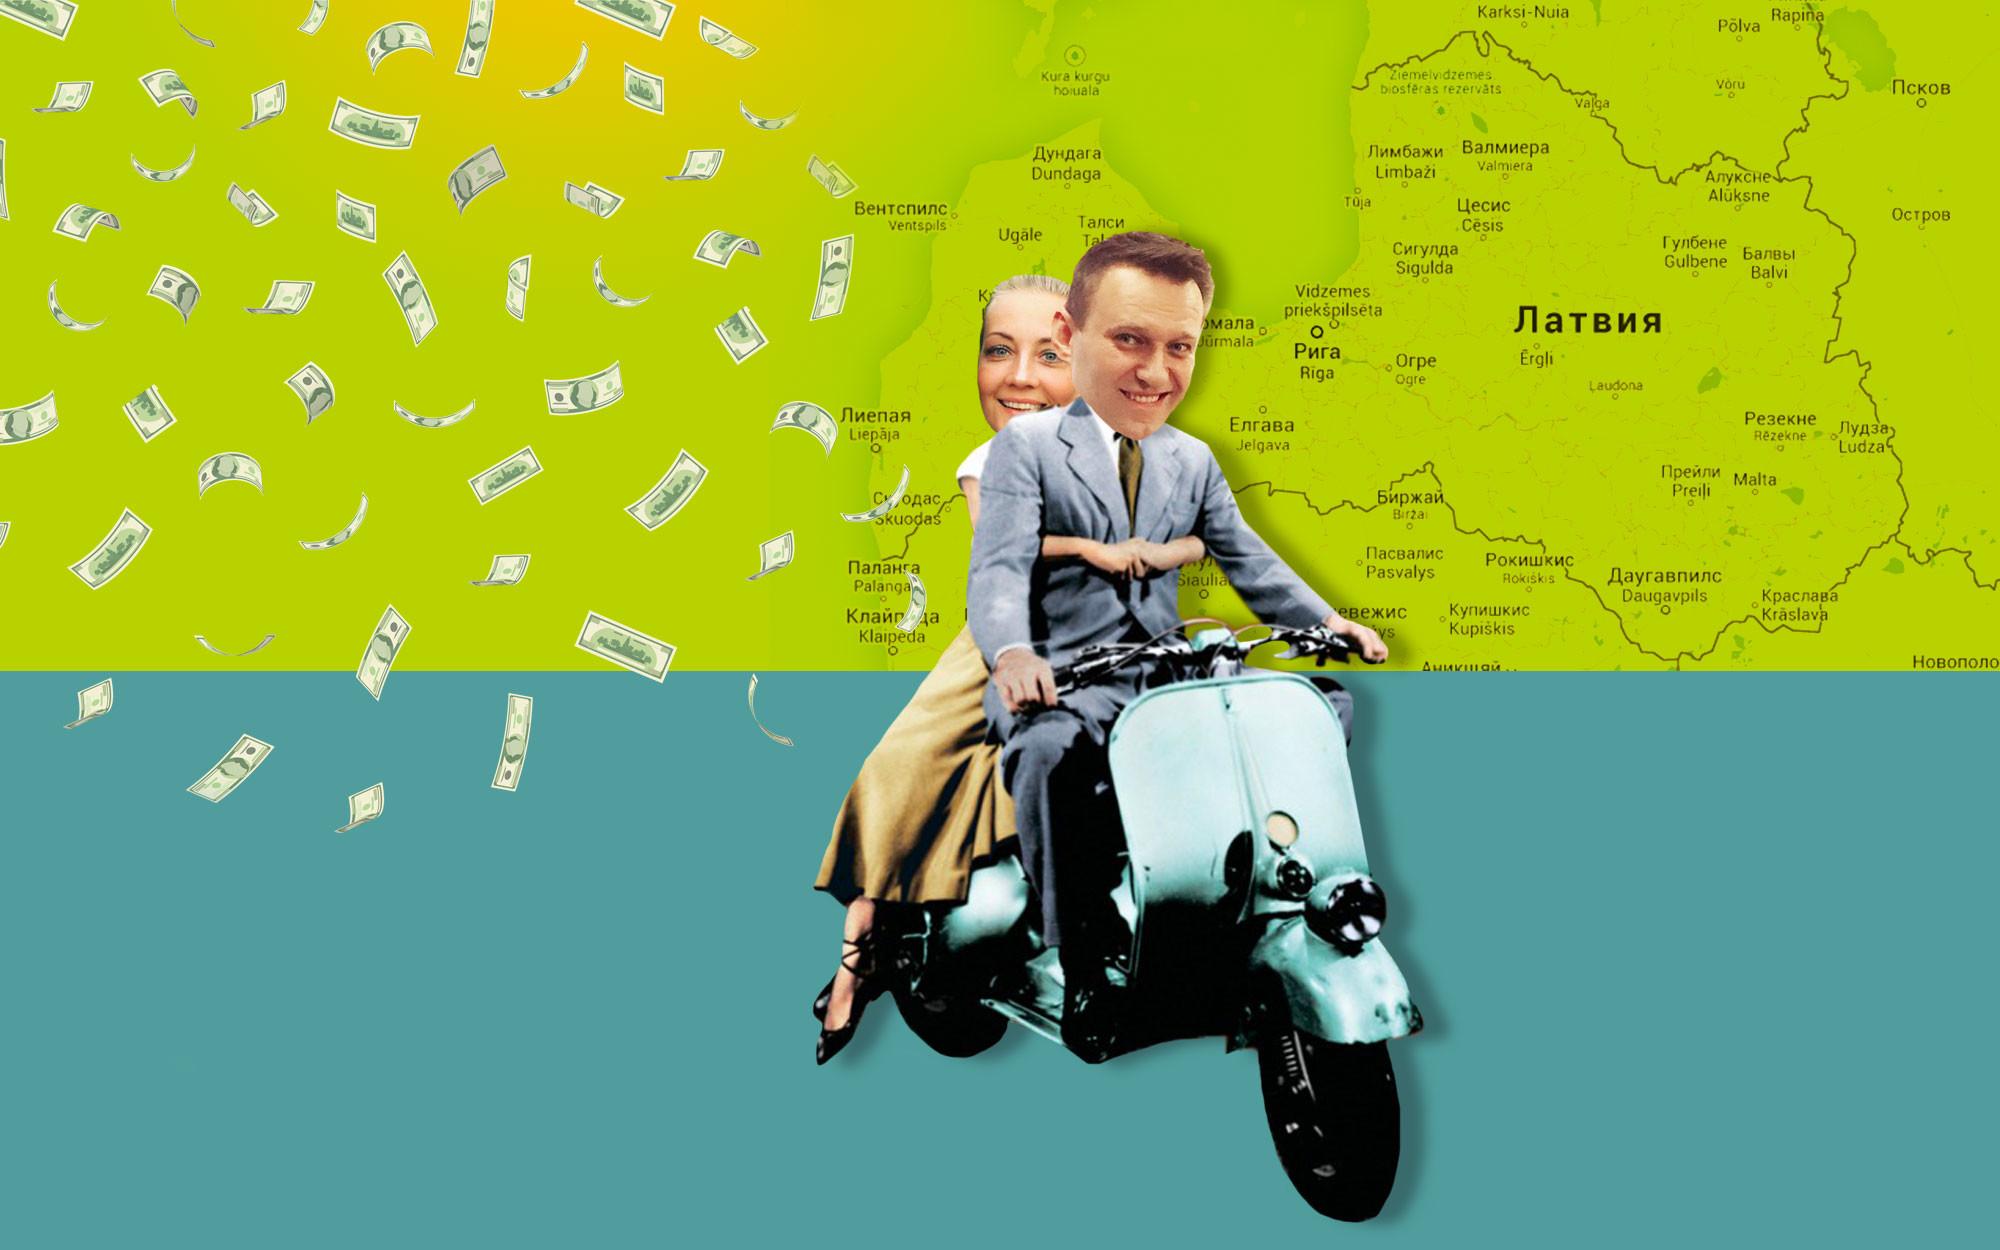 """<p>Коллаж &copy; L!FE &nbsp;Фото: &copy; <a href=""""https://www.kinopoisk.ru/film/497/promo/"""" target=""""_blank"""">kinopoisk.ru</a>, <a href=""""https://www.instagram.com/yulia_navalnaya/"""" target=""""_blank"""">instagram.com/yulia_navalnaya</a></p> <p></p>"""